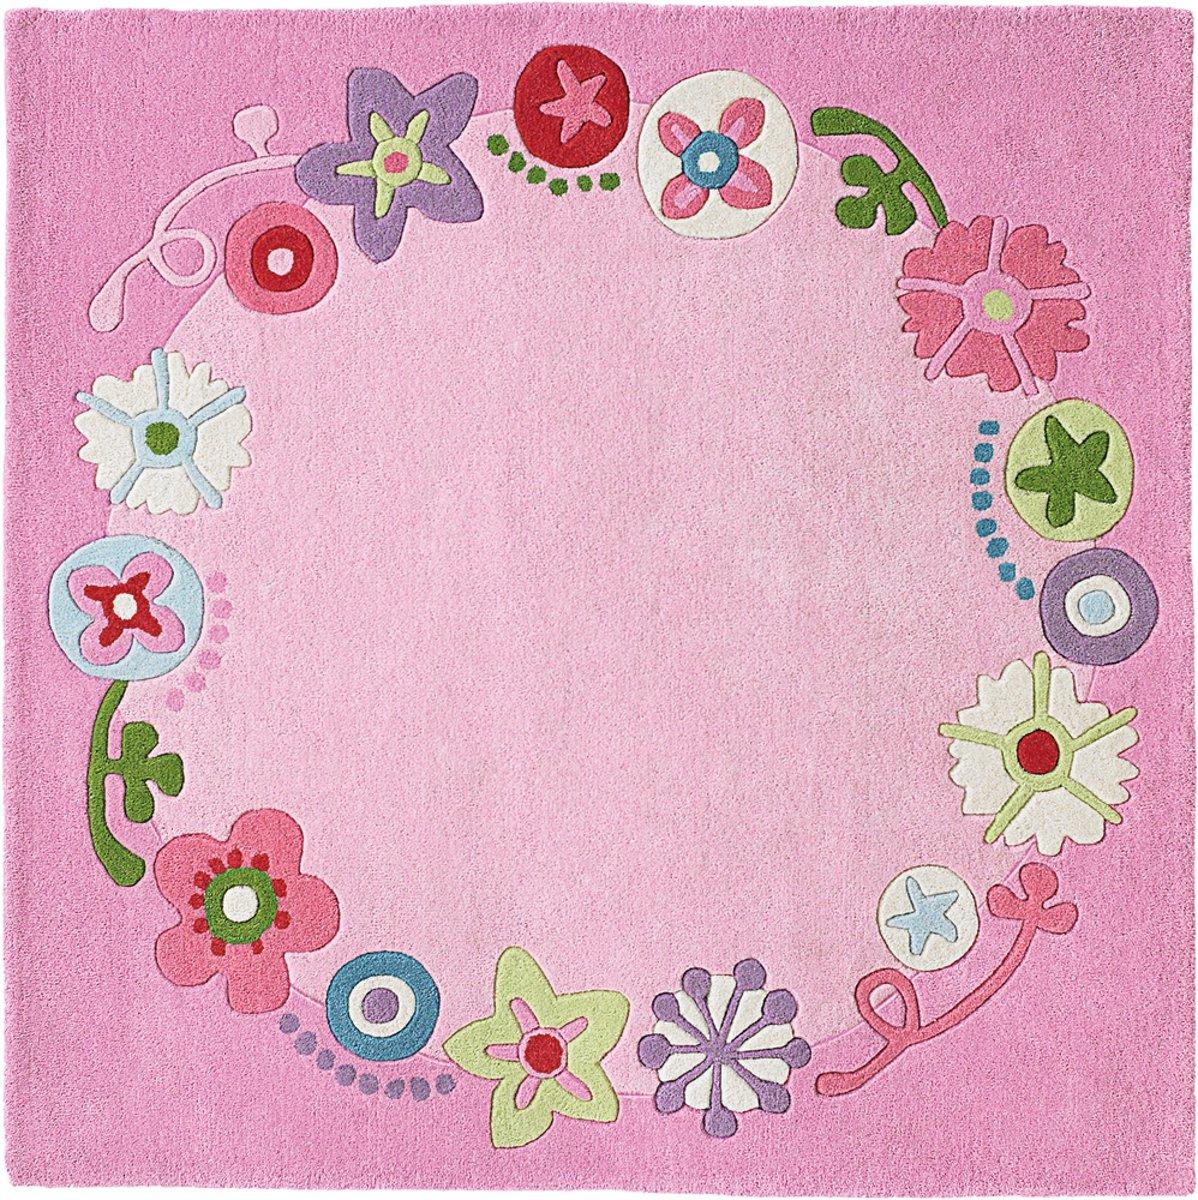 Haba vloerkleed bloemenkrans 140 x 140 cm roze